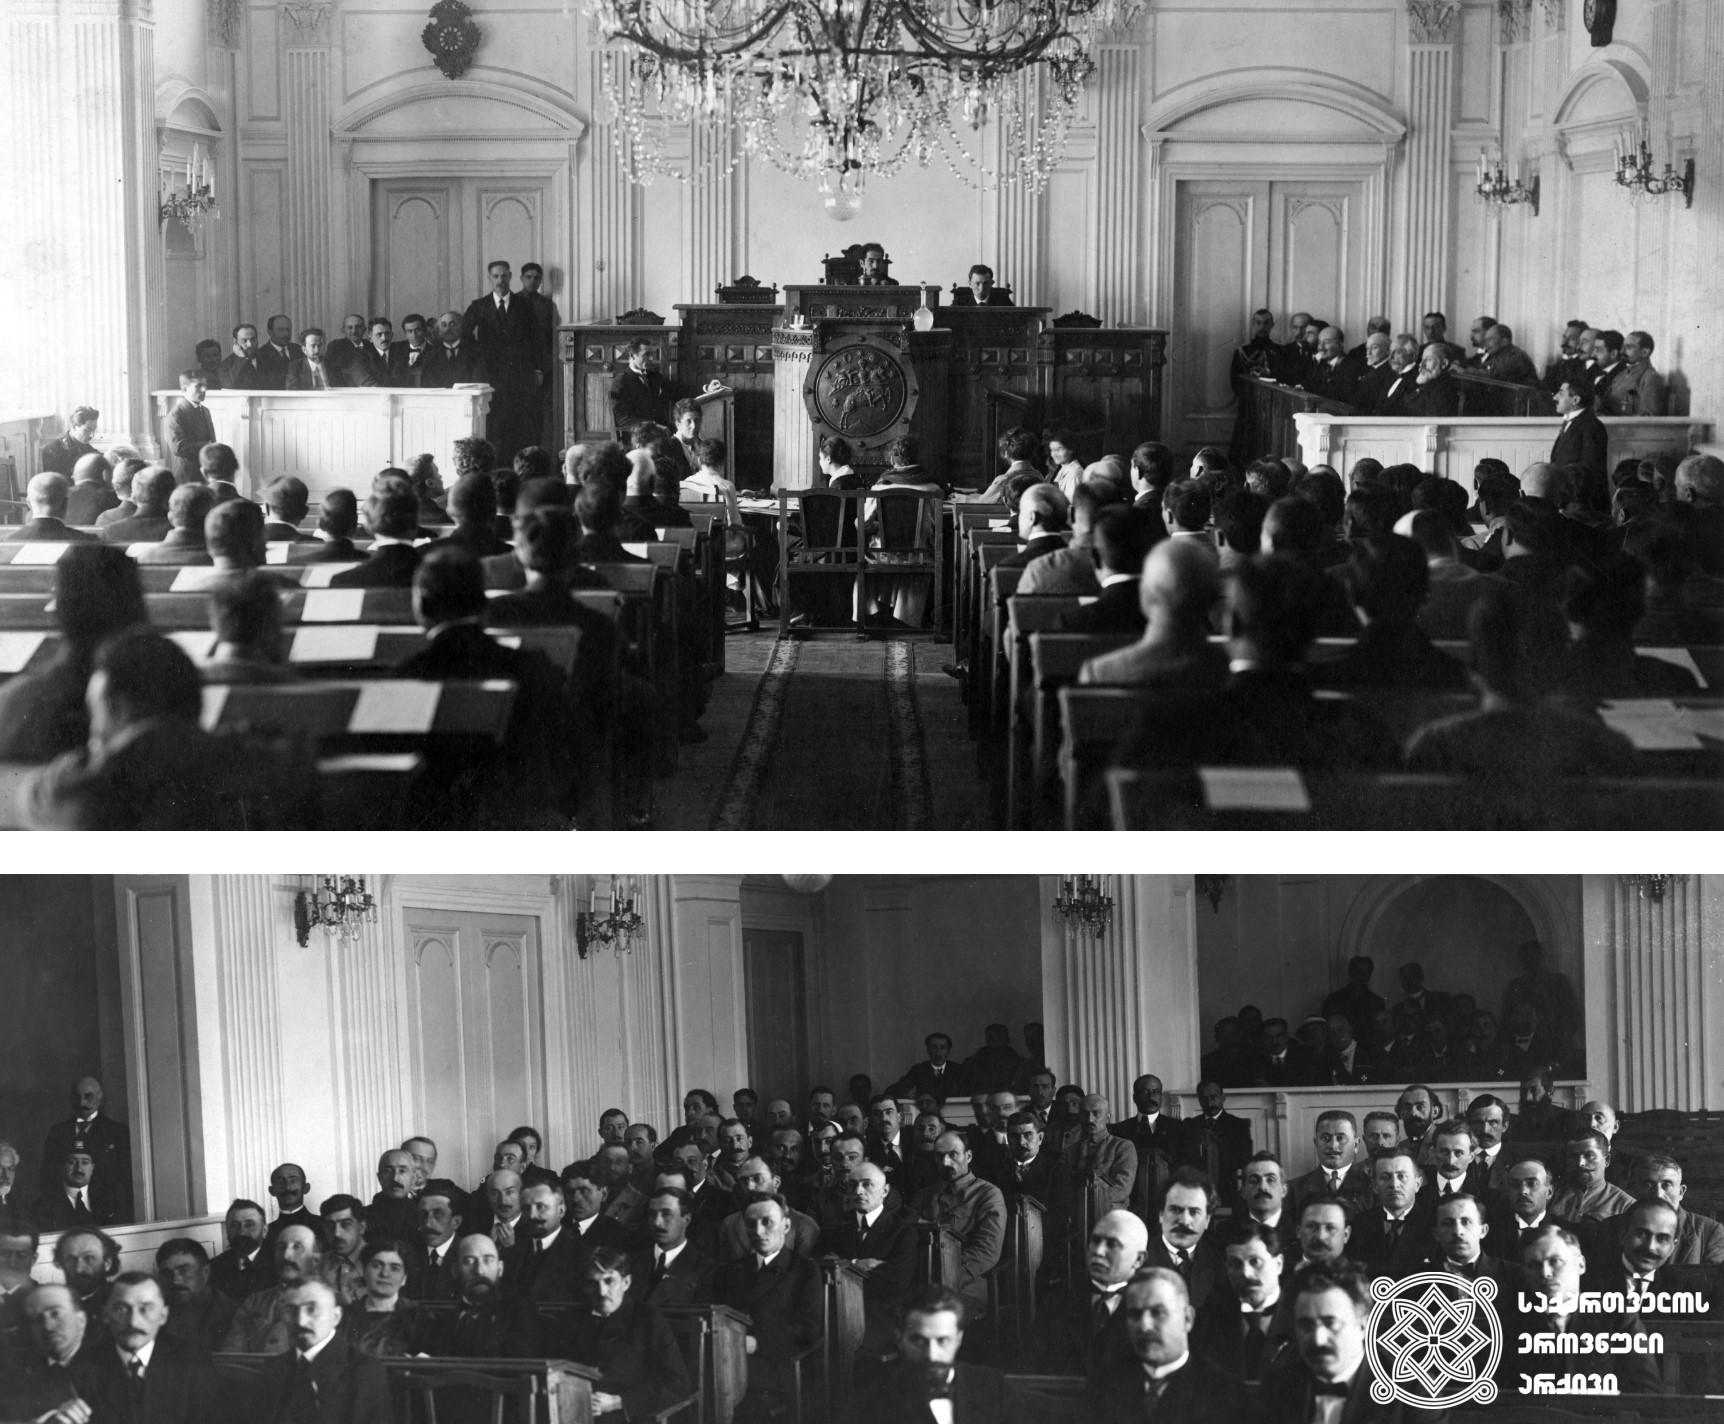 ზედა ფოტო: საქართველოს დამფუძნებელი კრების სხდომა. <br> ქვედა ფოტო: საქართველოს დამფუძნებელი კრების პირველი სხდომა. <br> თბილისი, 1919 წლის 12 მარტი. <br> Upper photo: Meeting of the Constituent Assembly of Georgia. <br> Bottom photo: The first meeting of the Constituent Assembly of Georgia. <br> Tbilisi, 12 March 1919.